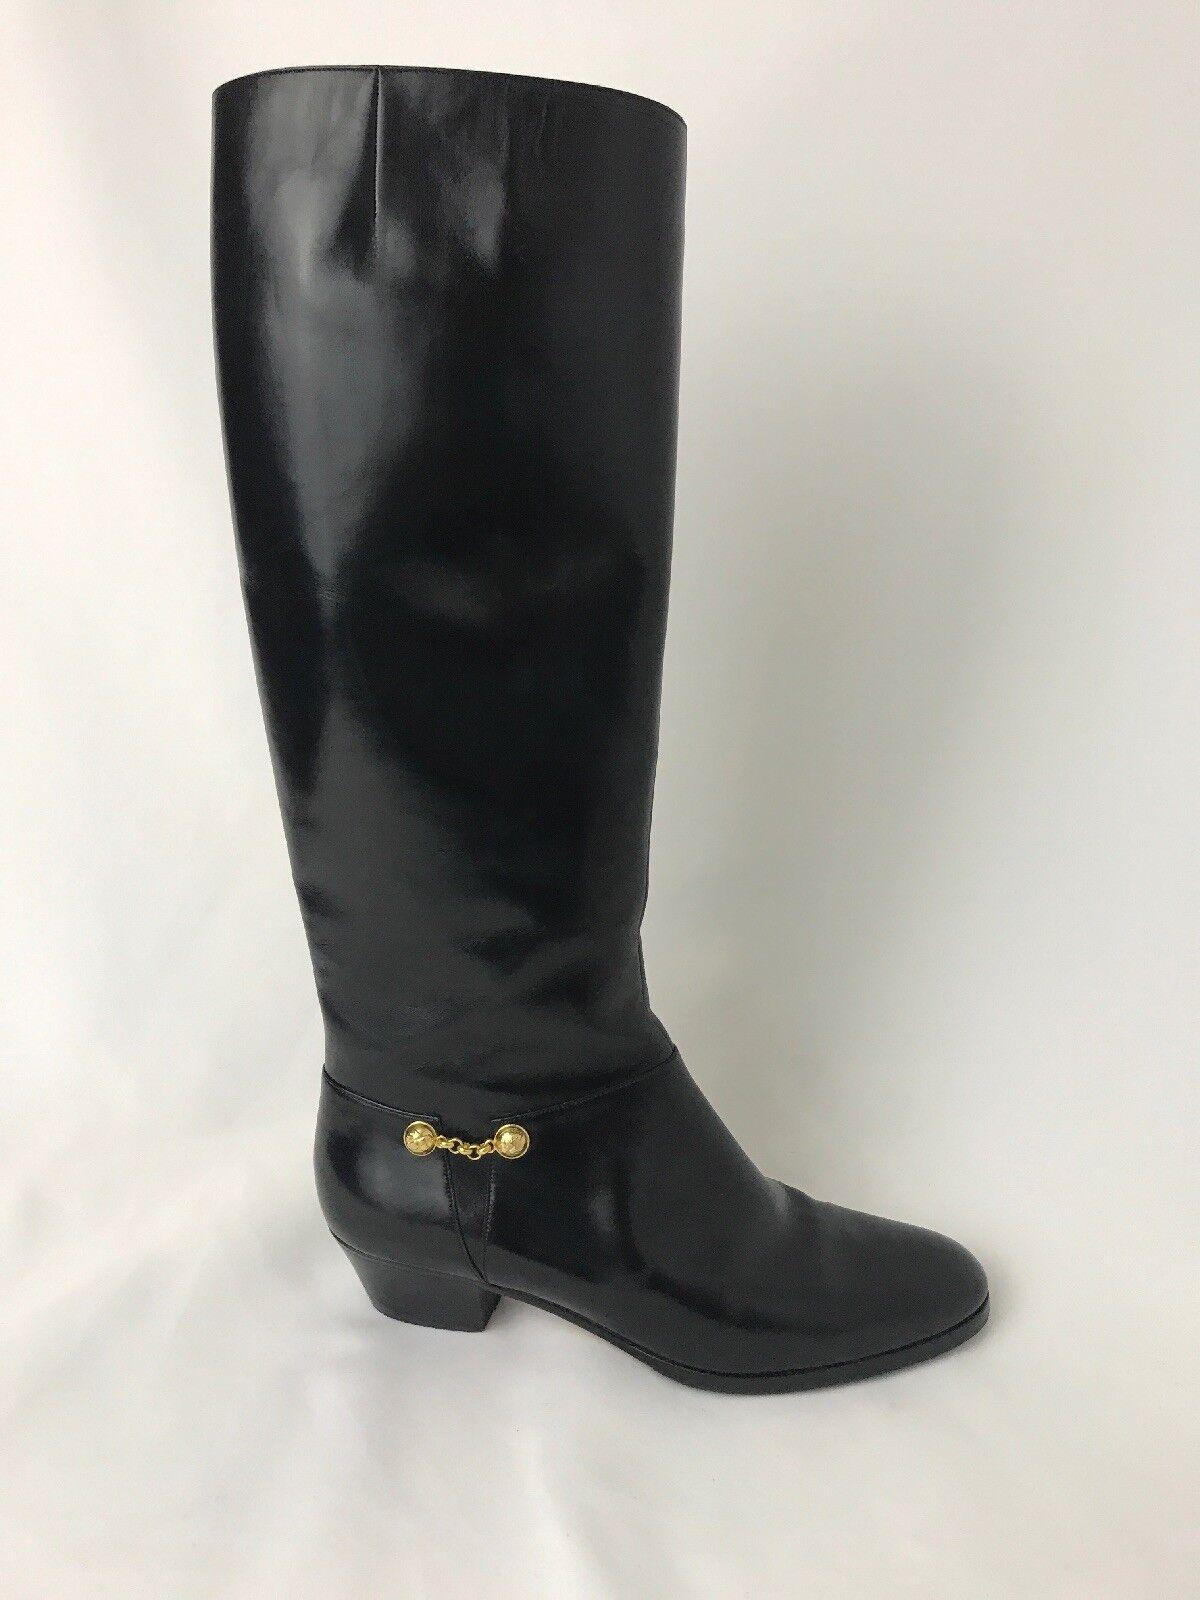 De colección Ferragamo Cuero Negro botas altas de mujer 5B oro acento Ecuestre Equitación